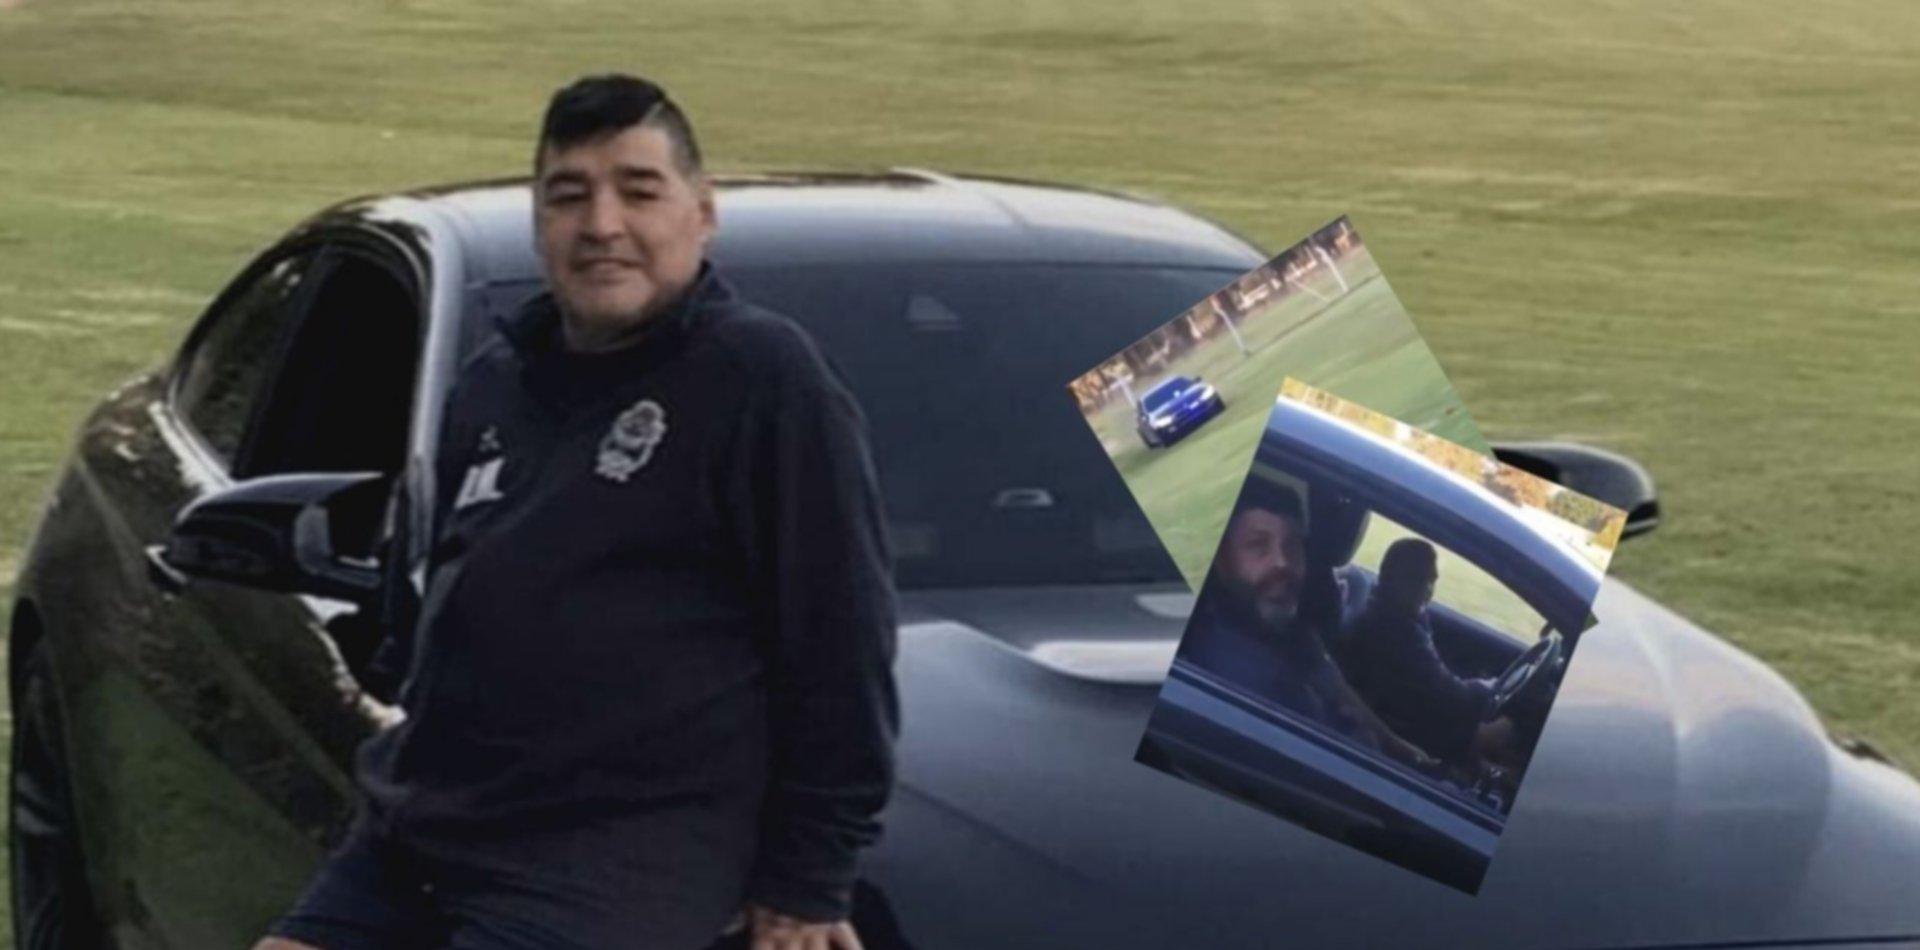 El video de Maradona manejando un lujoso auto con sirena de policía y junto a Bragarnik